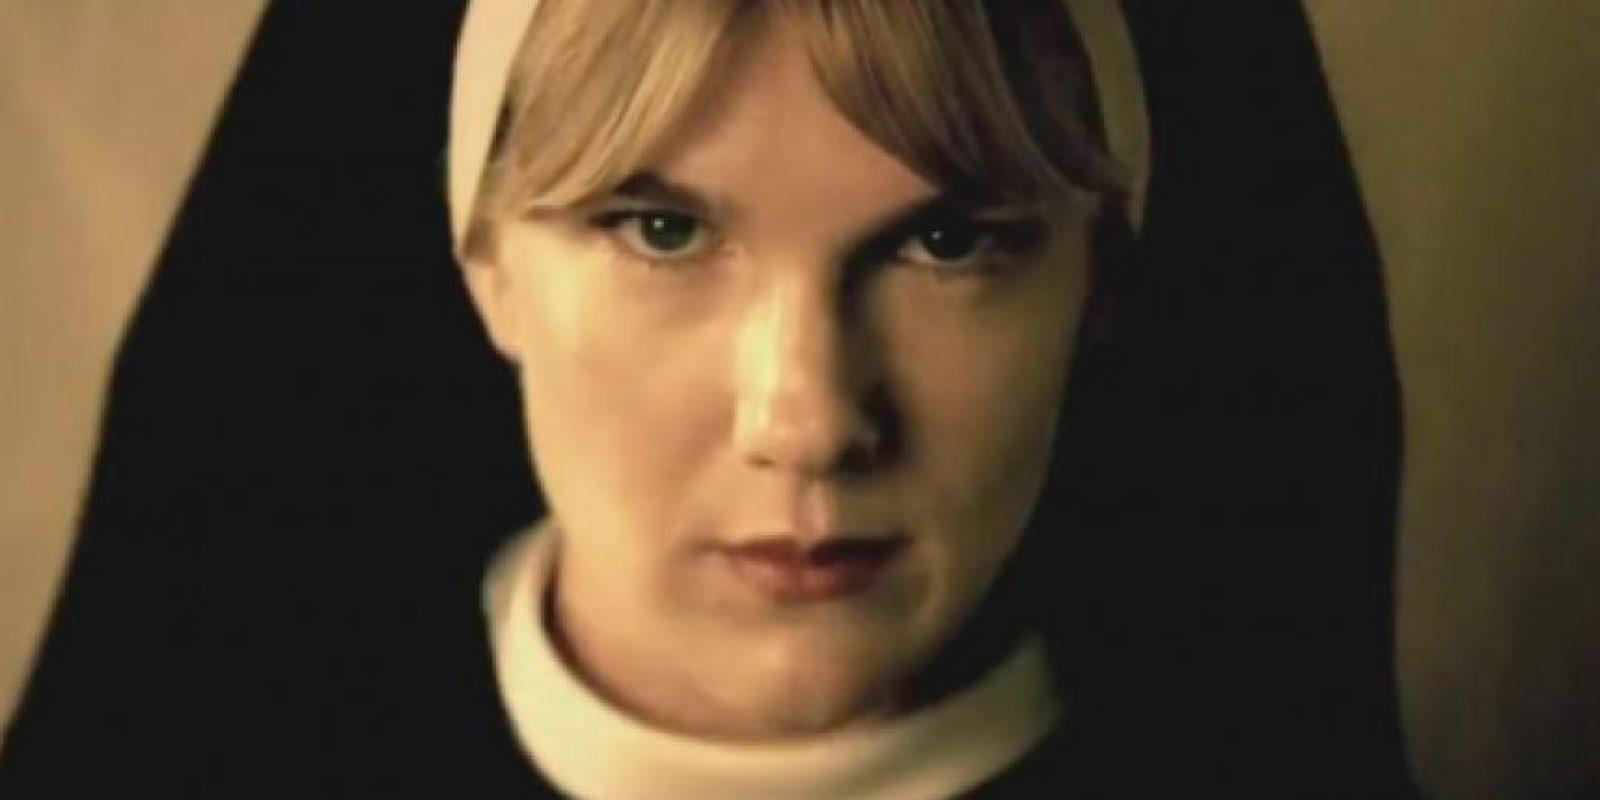 Hermana Mary Eunice. Nada más espeluznante que una monja poseída Foto: FX vía Wikipedia